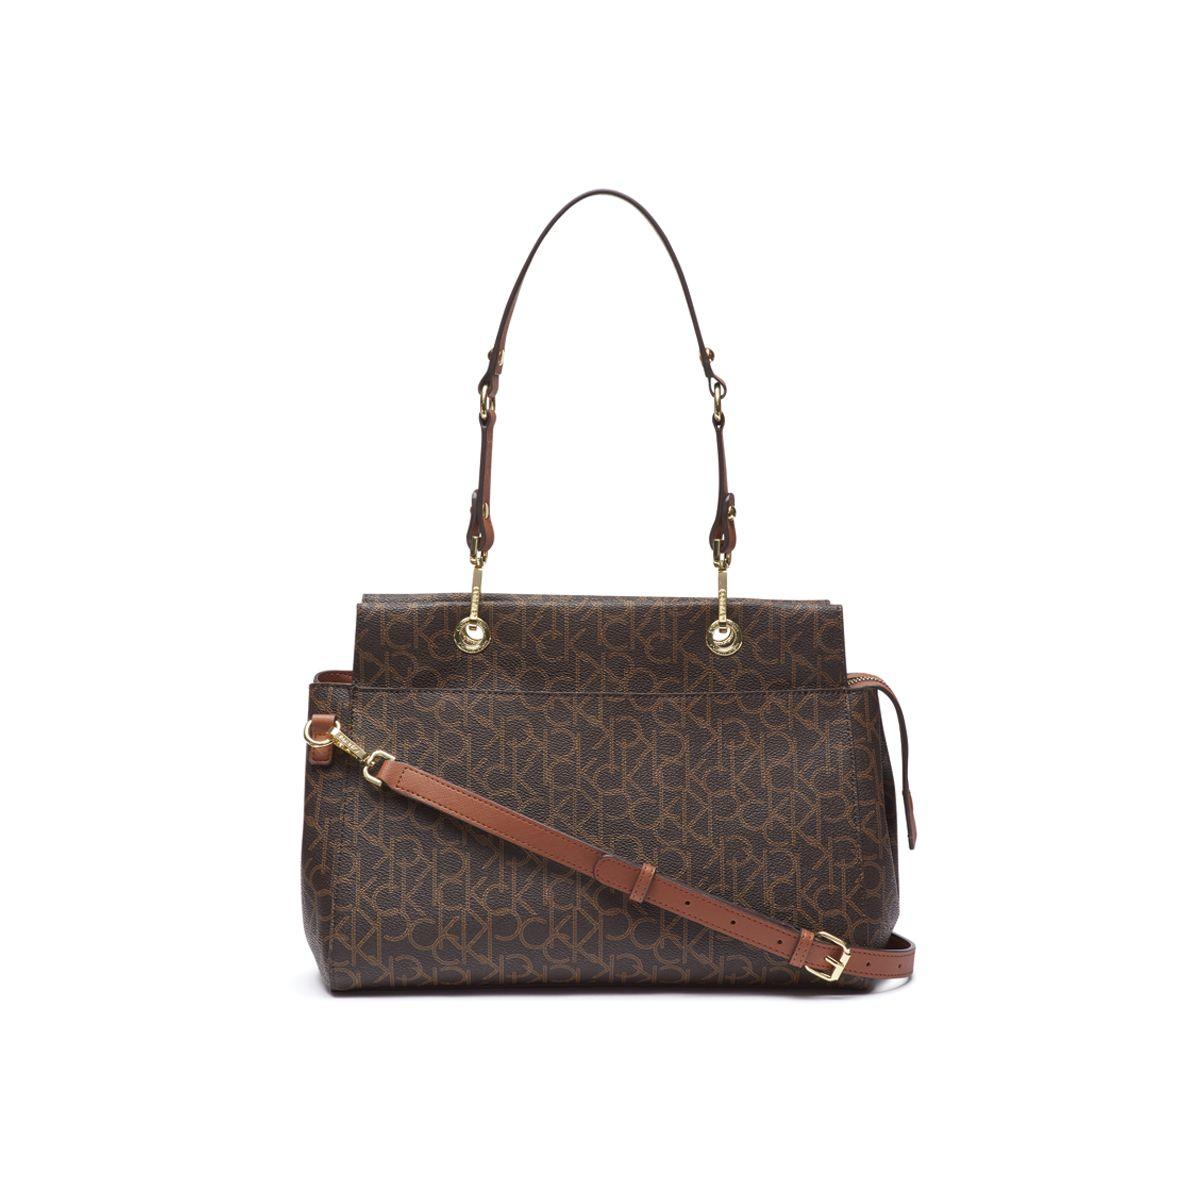 dcedb1e0ad3c Clearance Closeout Calvin Klein Handbags   Bags - Macy s